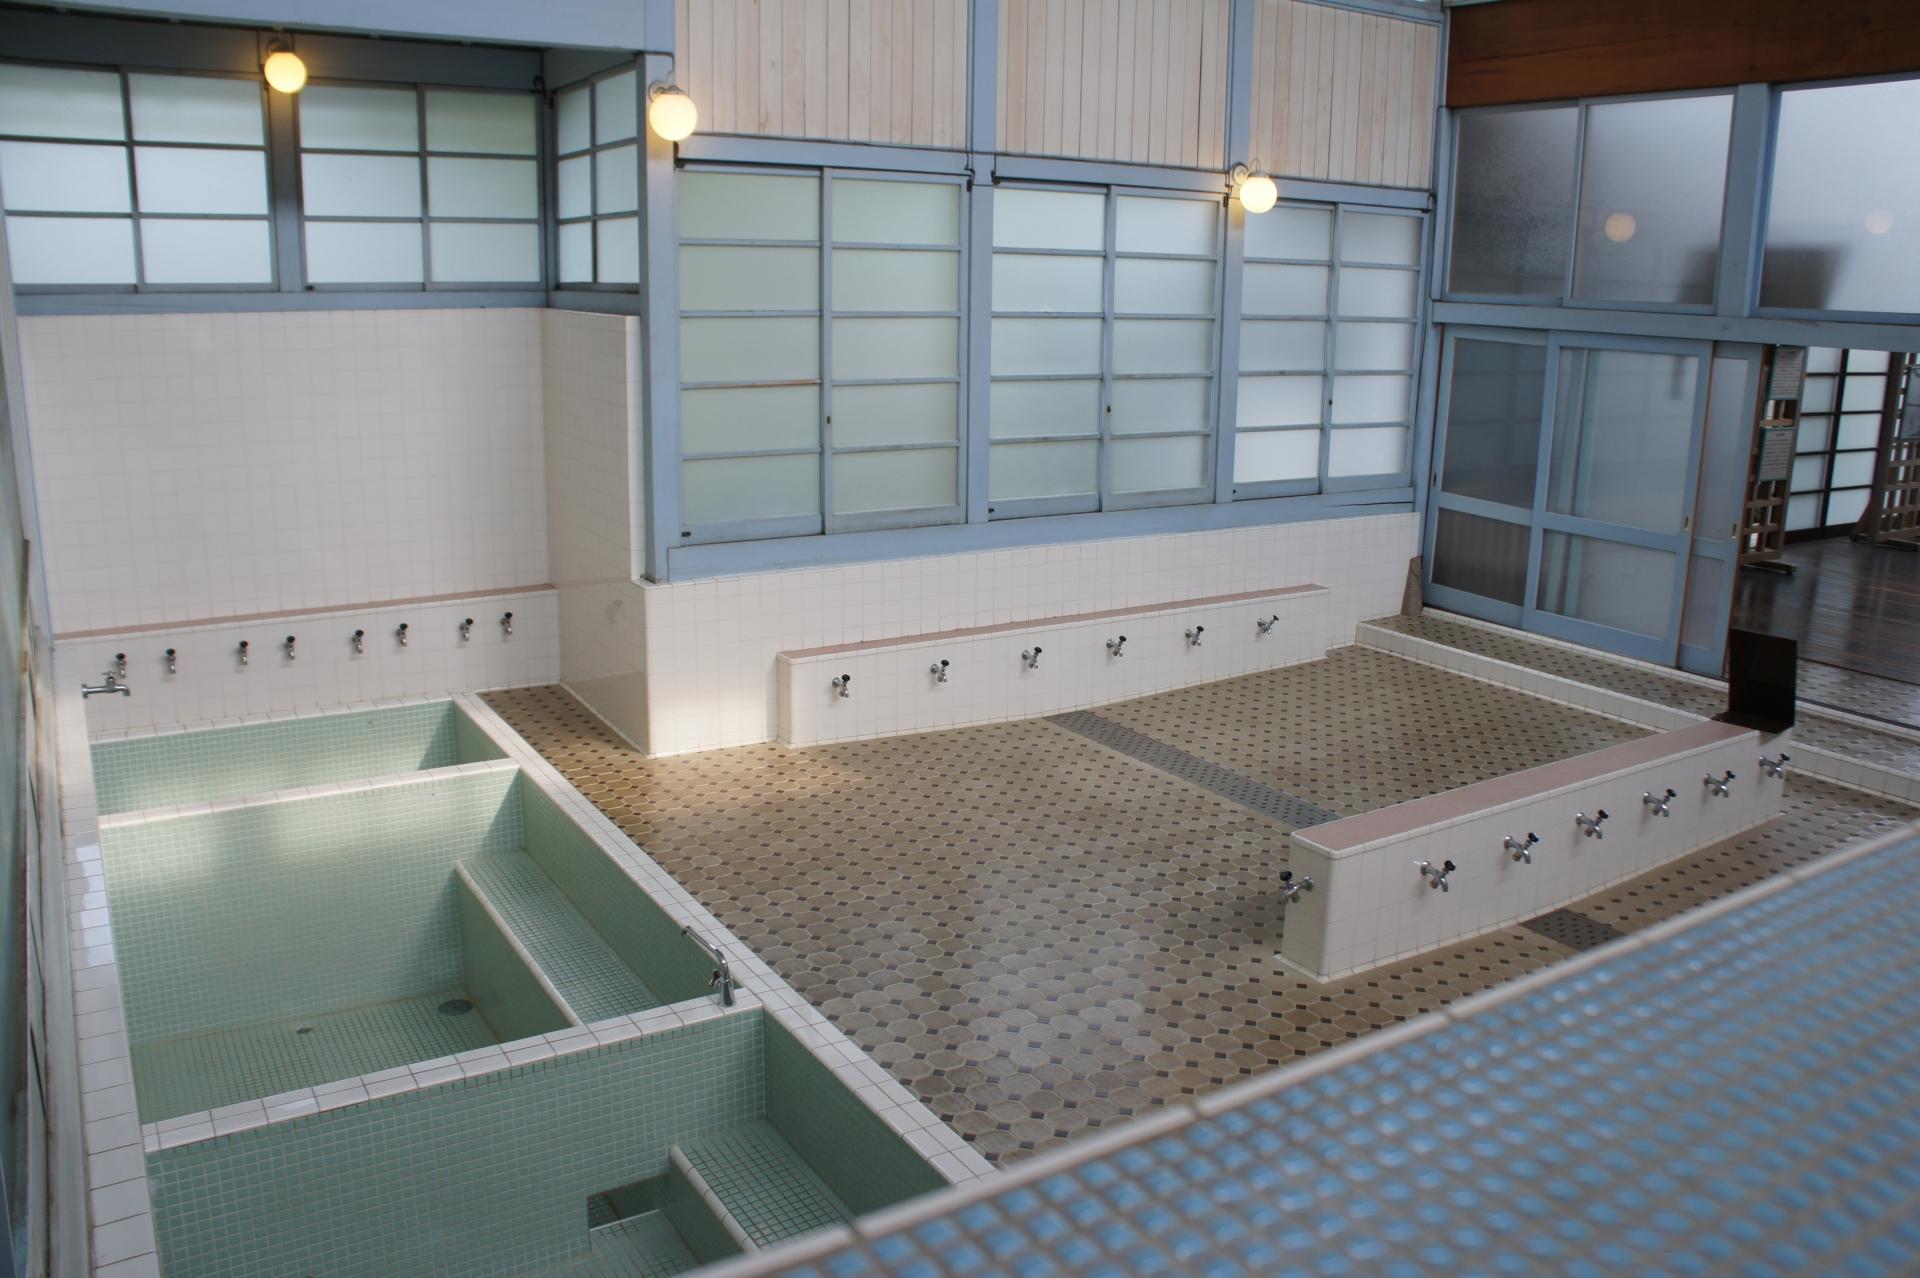 銭湯でタオルで前を隠す人の割合は?公共浴場に入る時のマナー